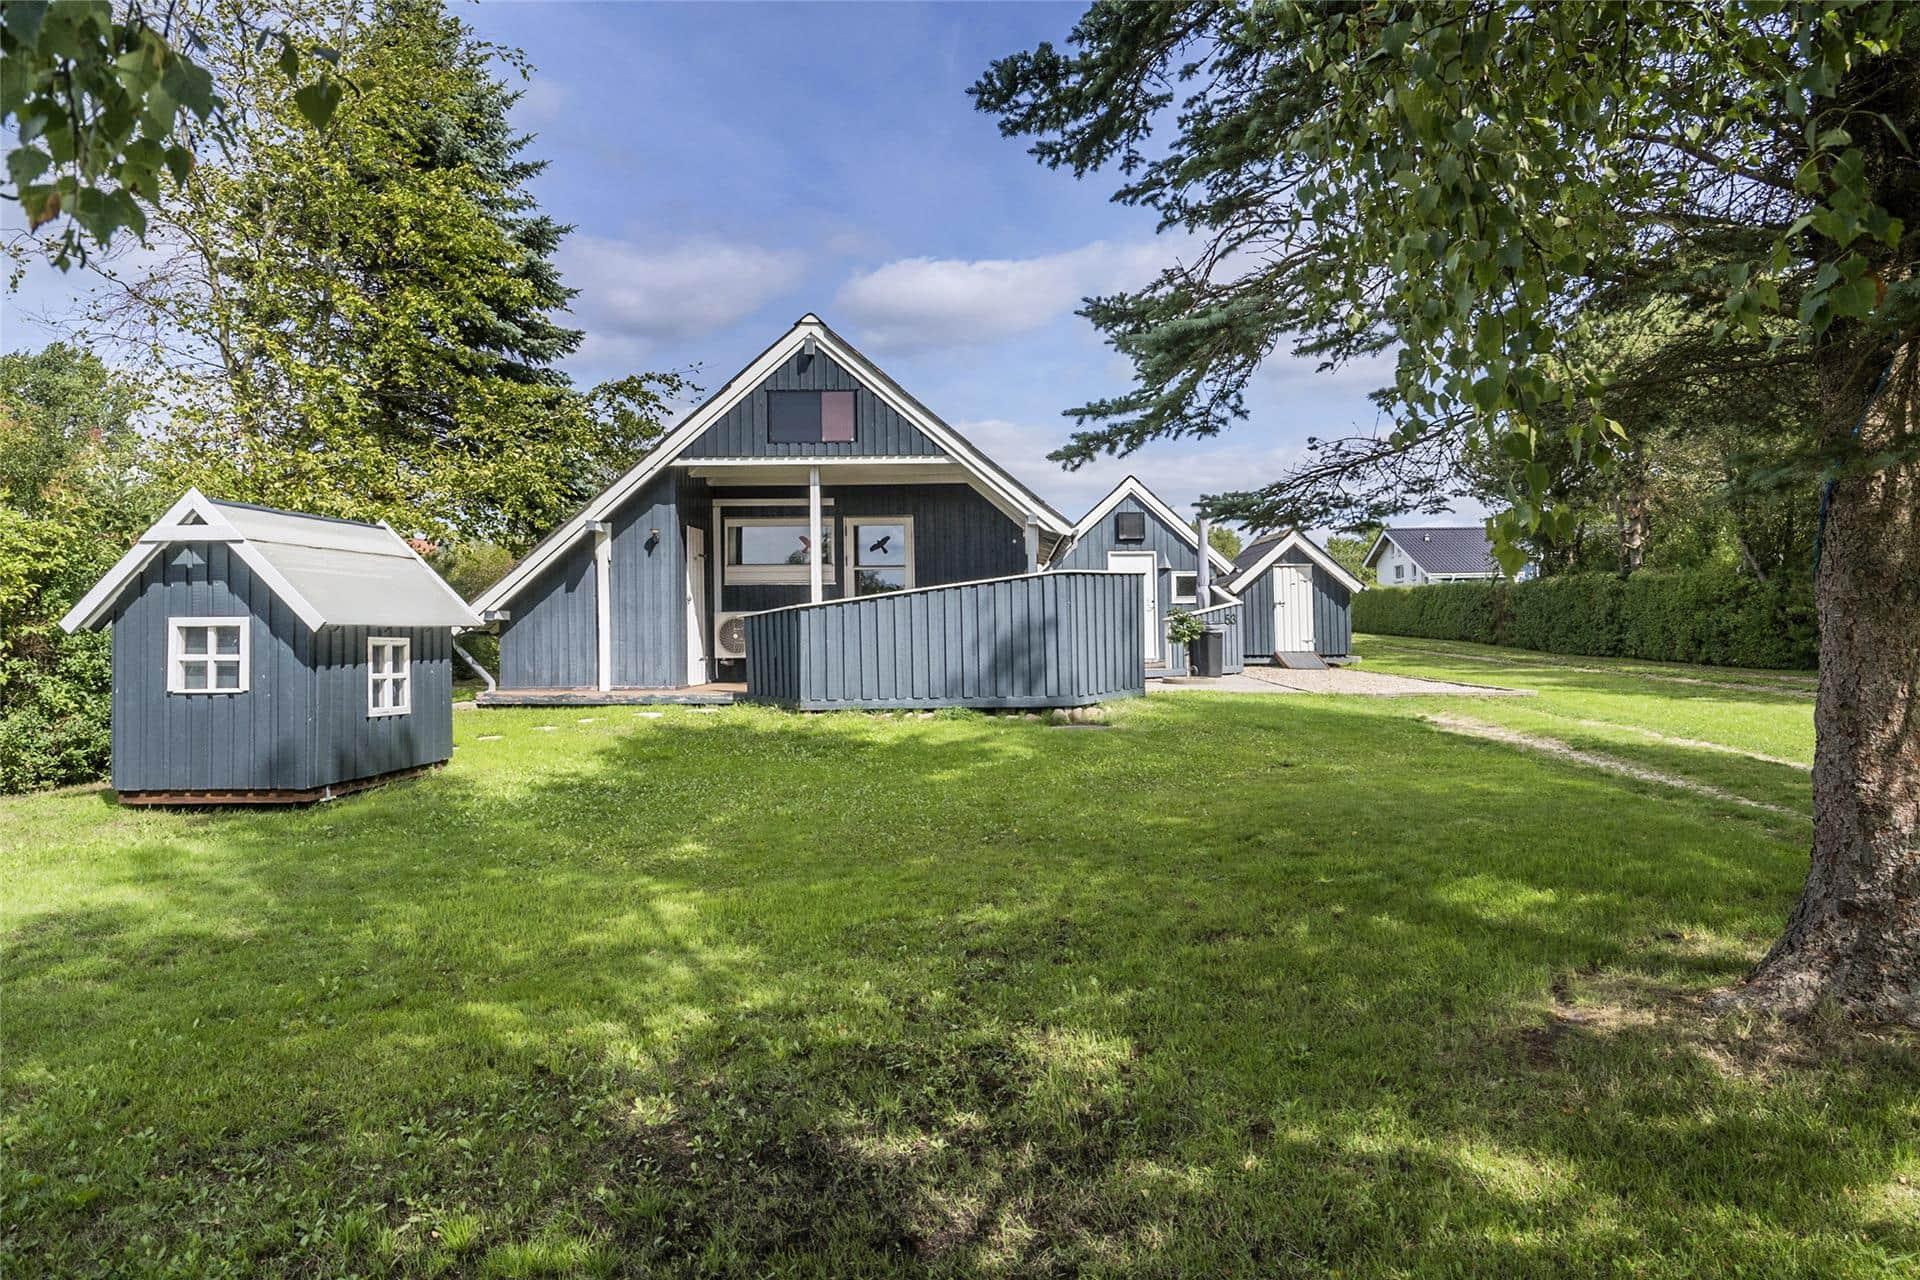 Billede 1-19 Sommerhus 40526, Pøt Strandby 53, DK - 7130 Juelsminde